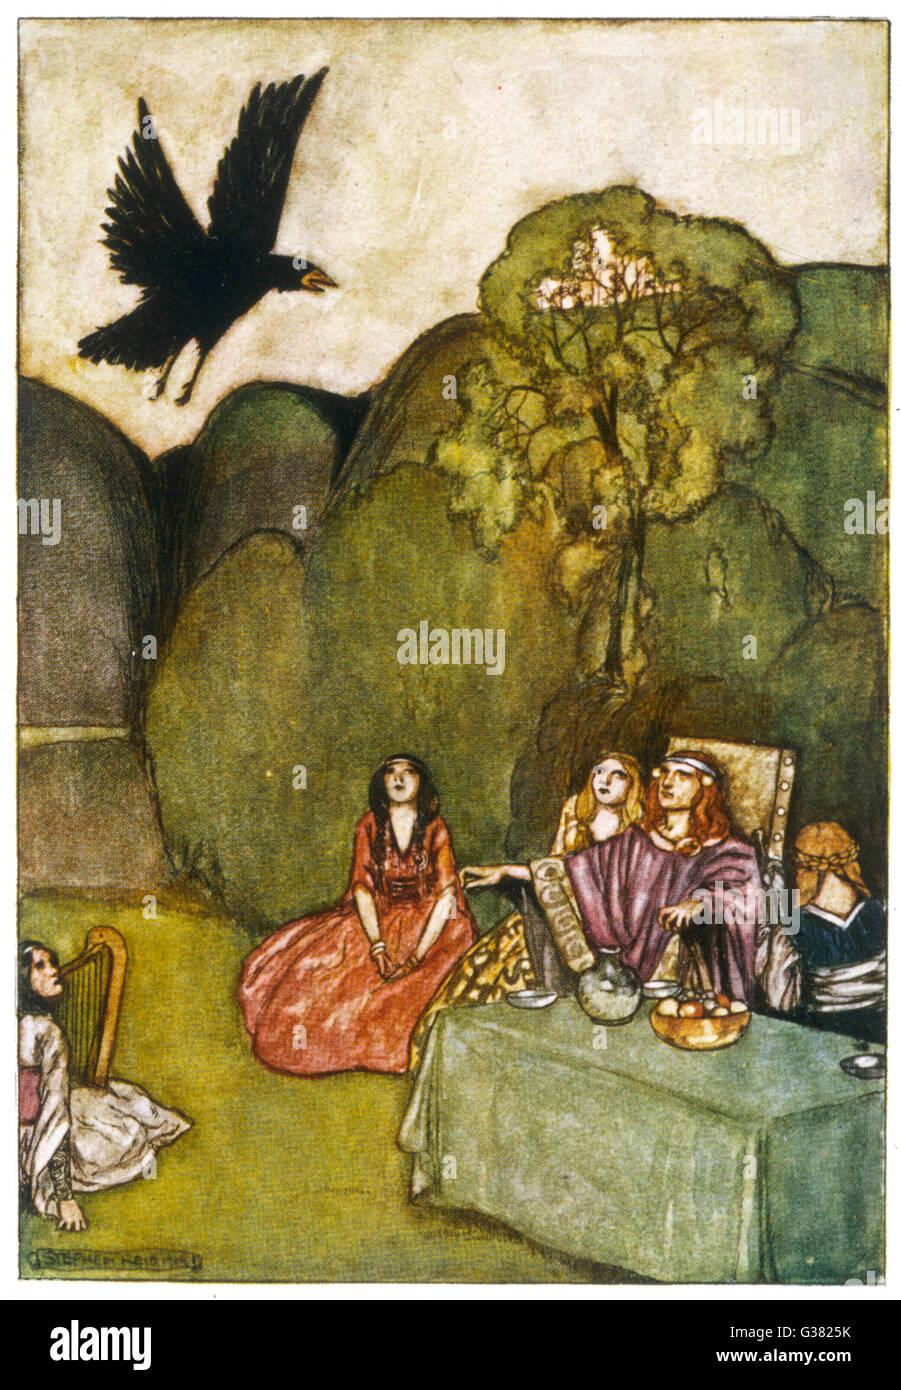 Il corvo di mal omen proviene da Cuchulain (Cu Chulainn) Immagini Stock